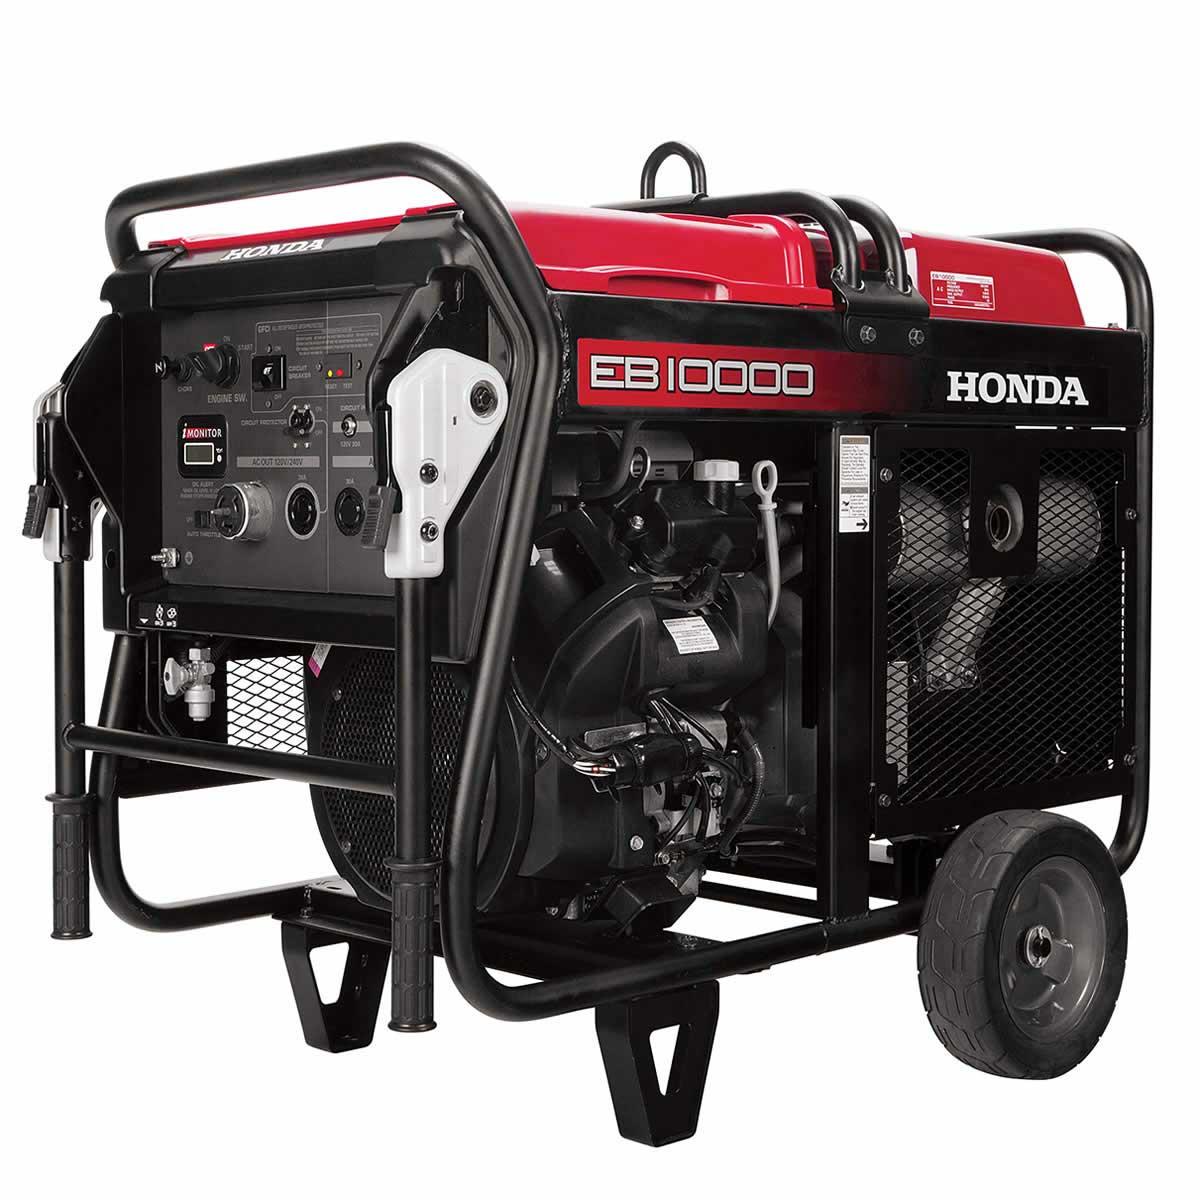 Honda Generator EB10000